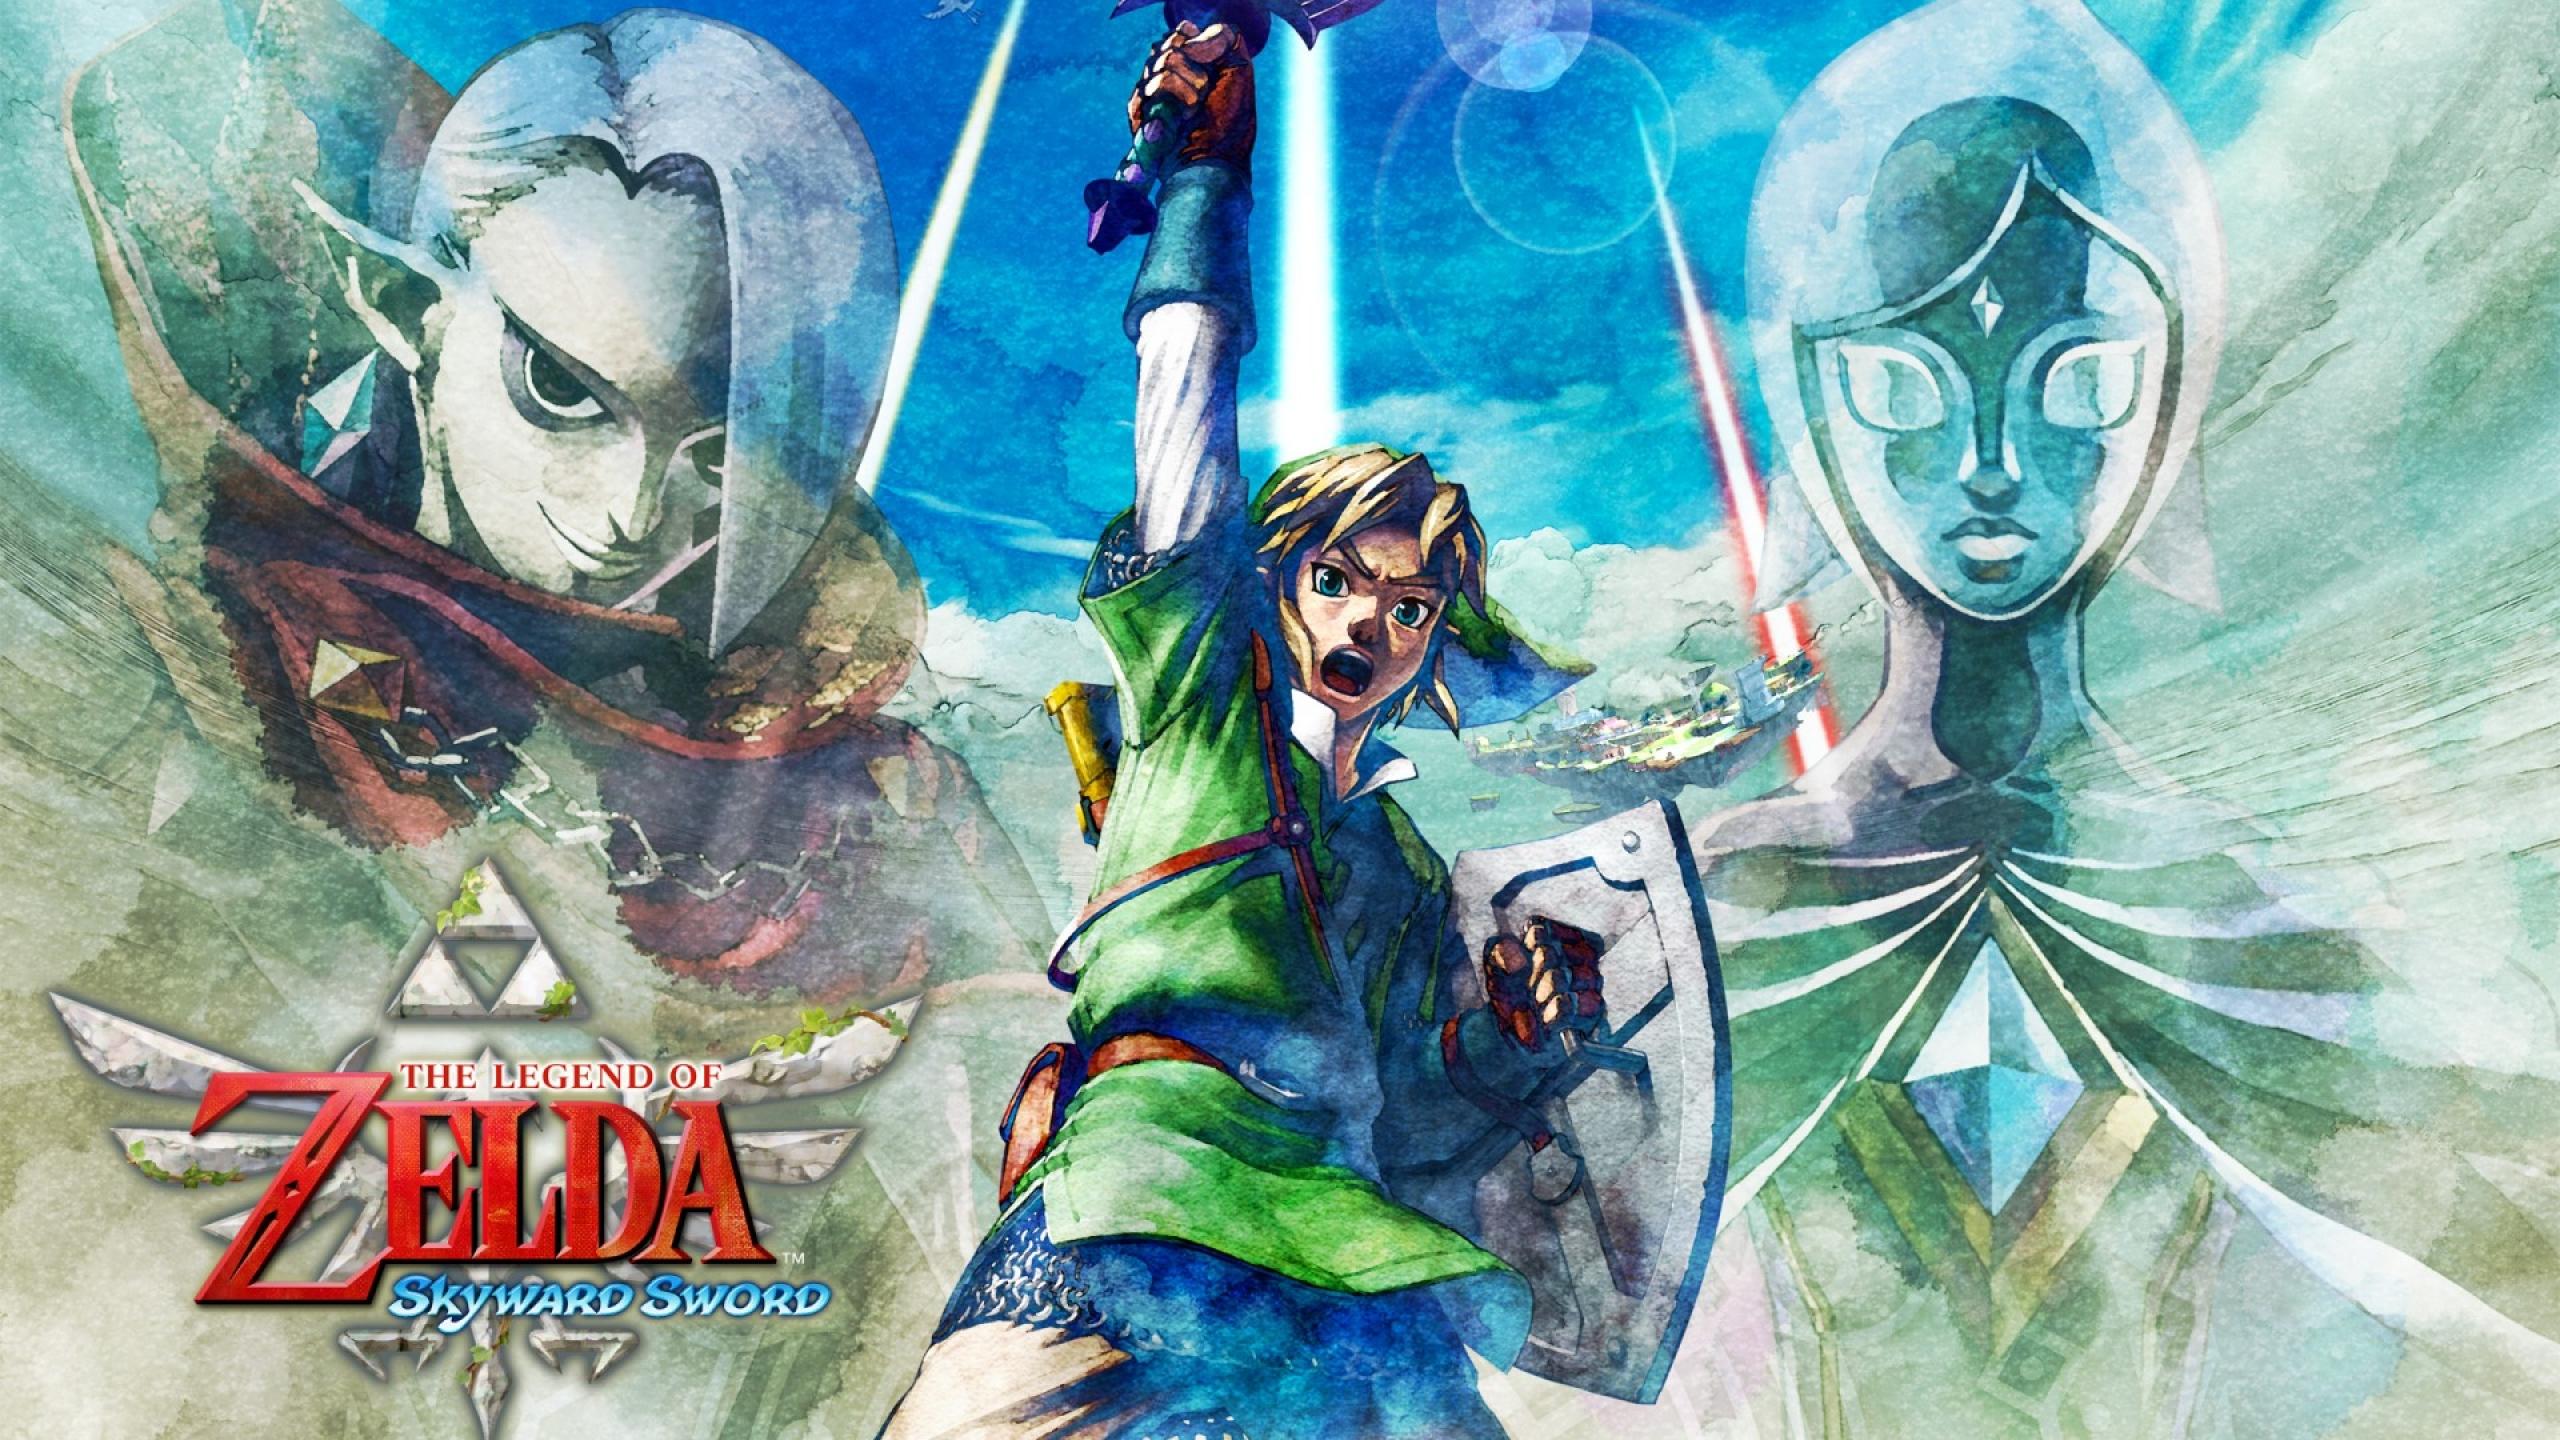 2560x1440 The Legend Of Zelda Skyward Sword Nintendo Ead Legend